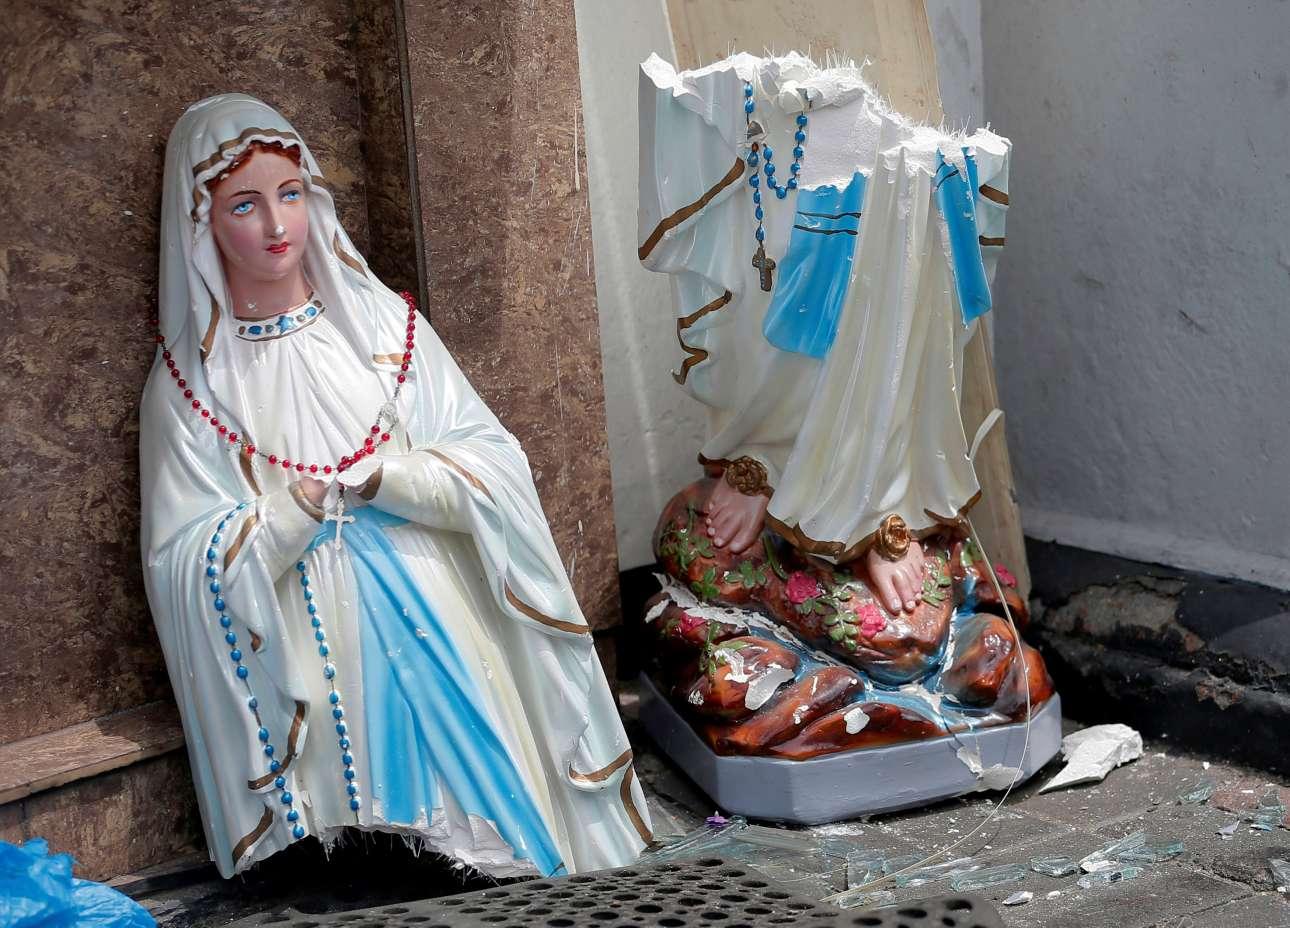 Κομμένο στη μέση άφησε η επίθεση αυτό το άγαλμα της Παναγίας σε εκκλησία του Κολόμπο